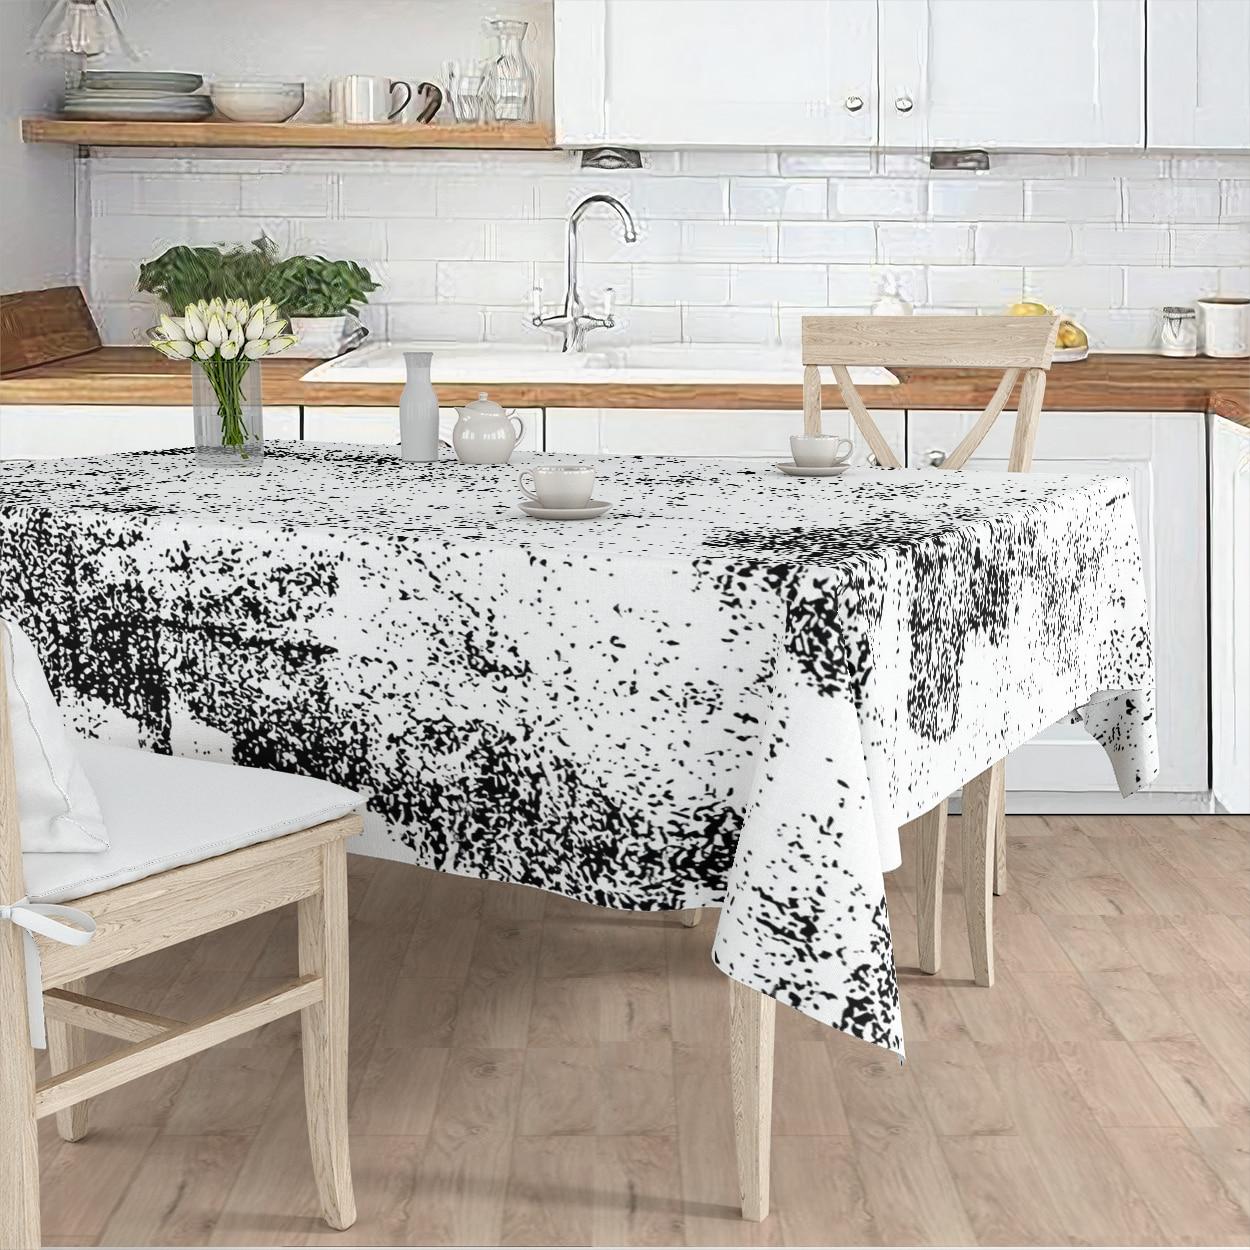 مفرش المائدة غرفة المعيشة المطبخ أبيض أسود قديم العرقية منقوشة مايكرو غطاء من القماش عداء نمط شحن مجاني